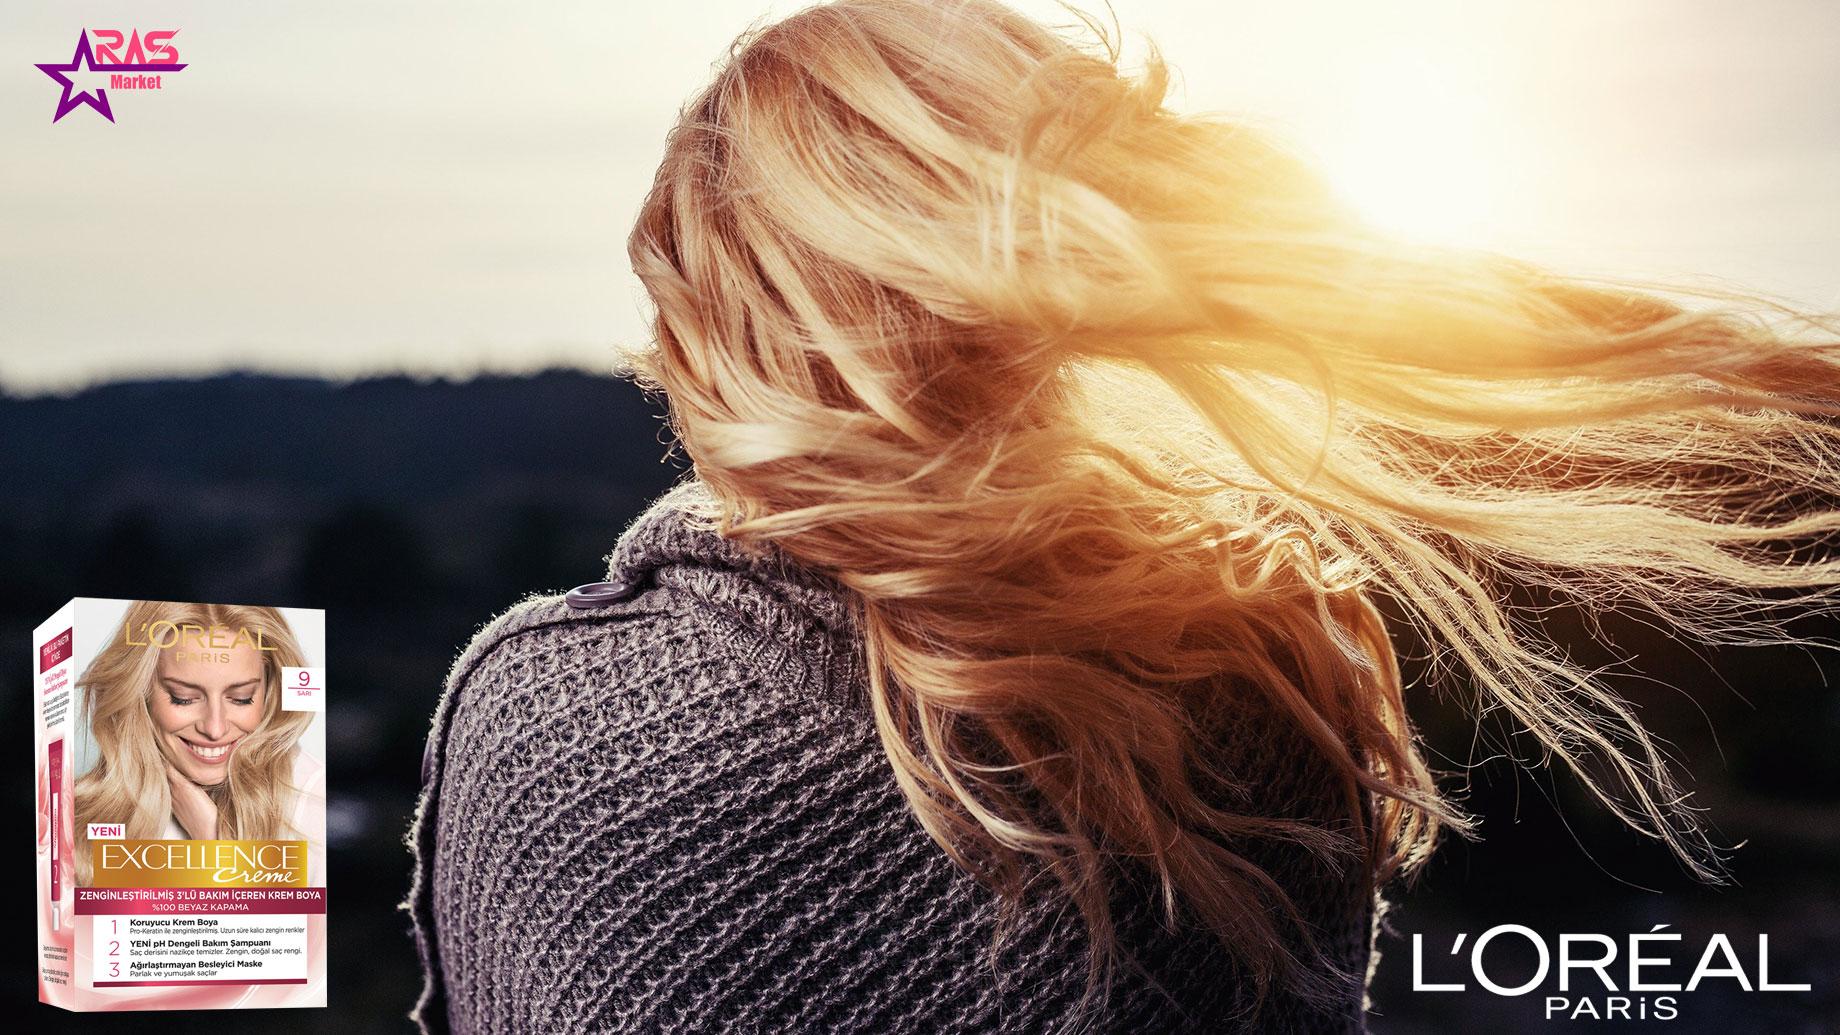 کیت رنگ مو لورآل سری Excellence شماره 9 ، خرید اینترنتی محصولات شوینده و بهداشتی ، بهداشت بانوان ، فروشگاه ارس مارکت